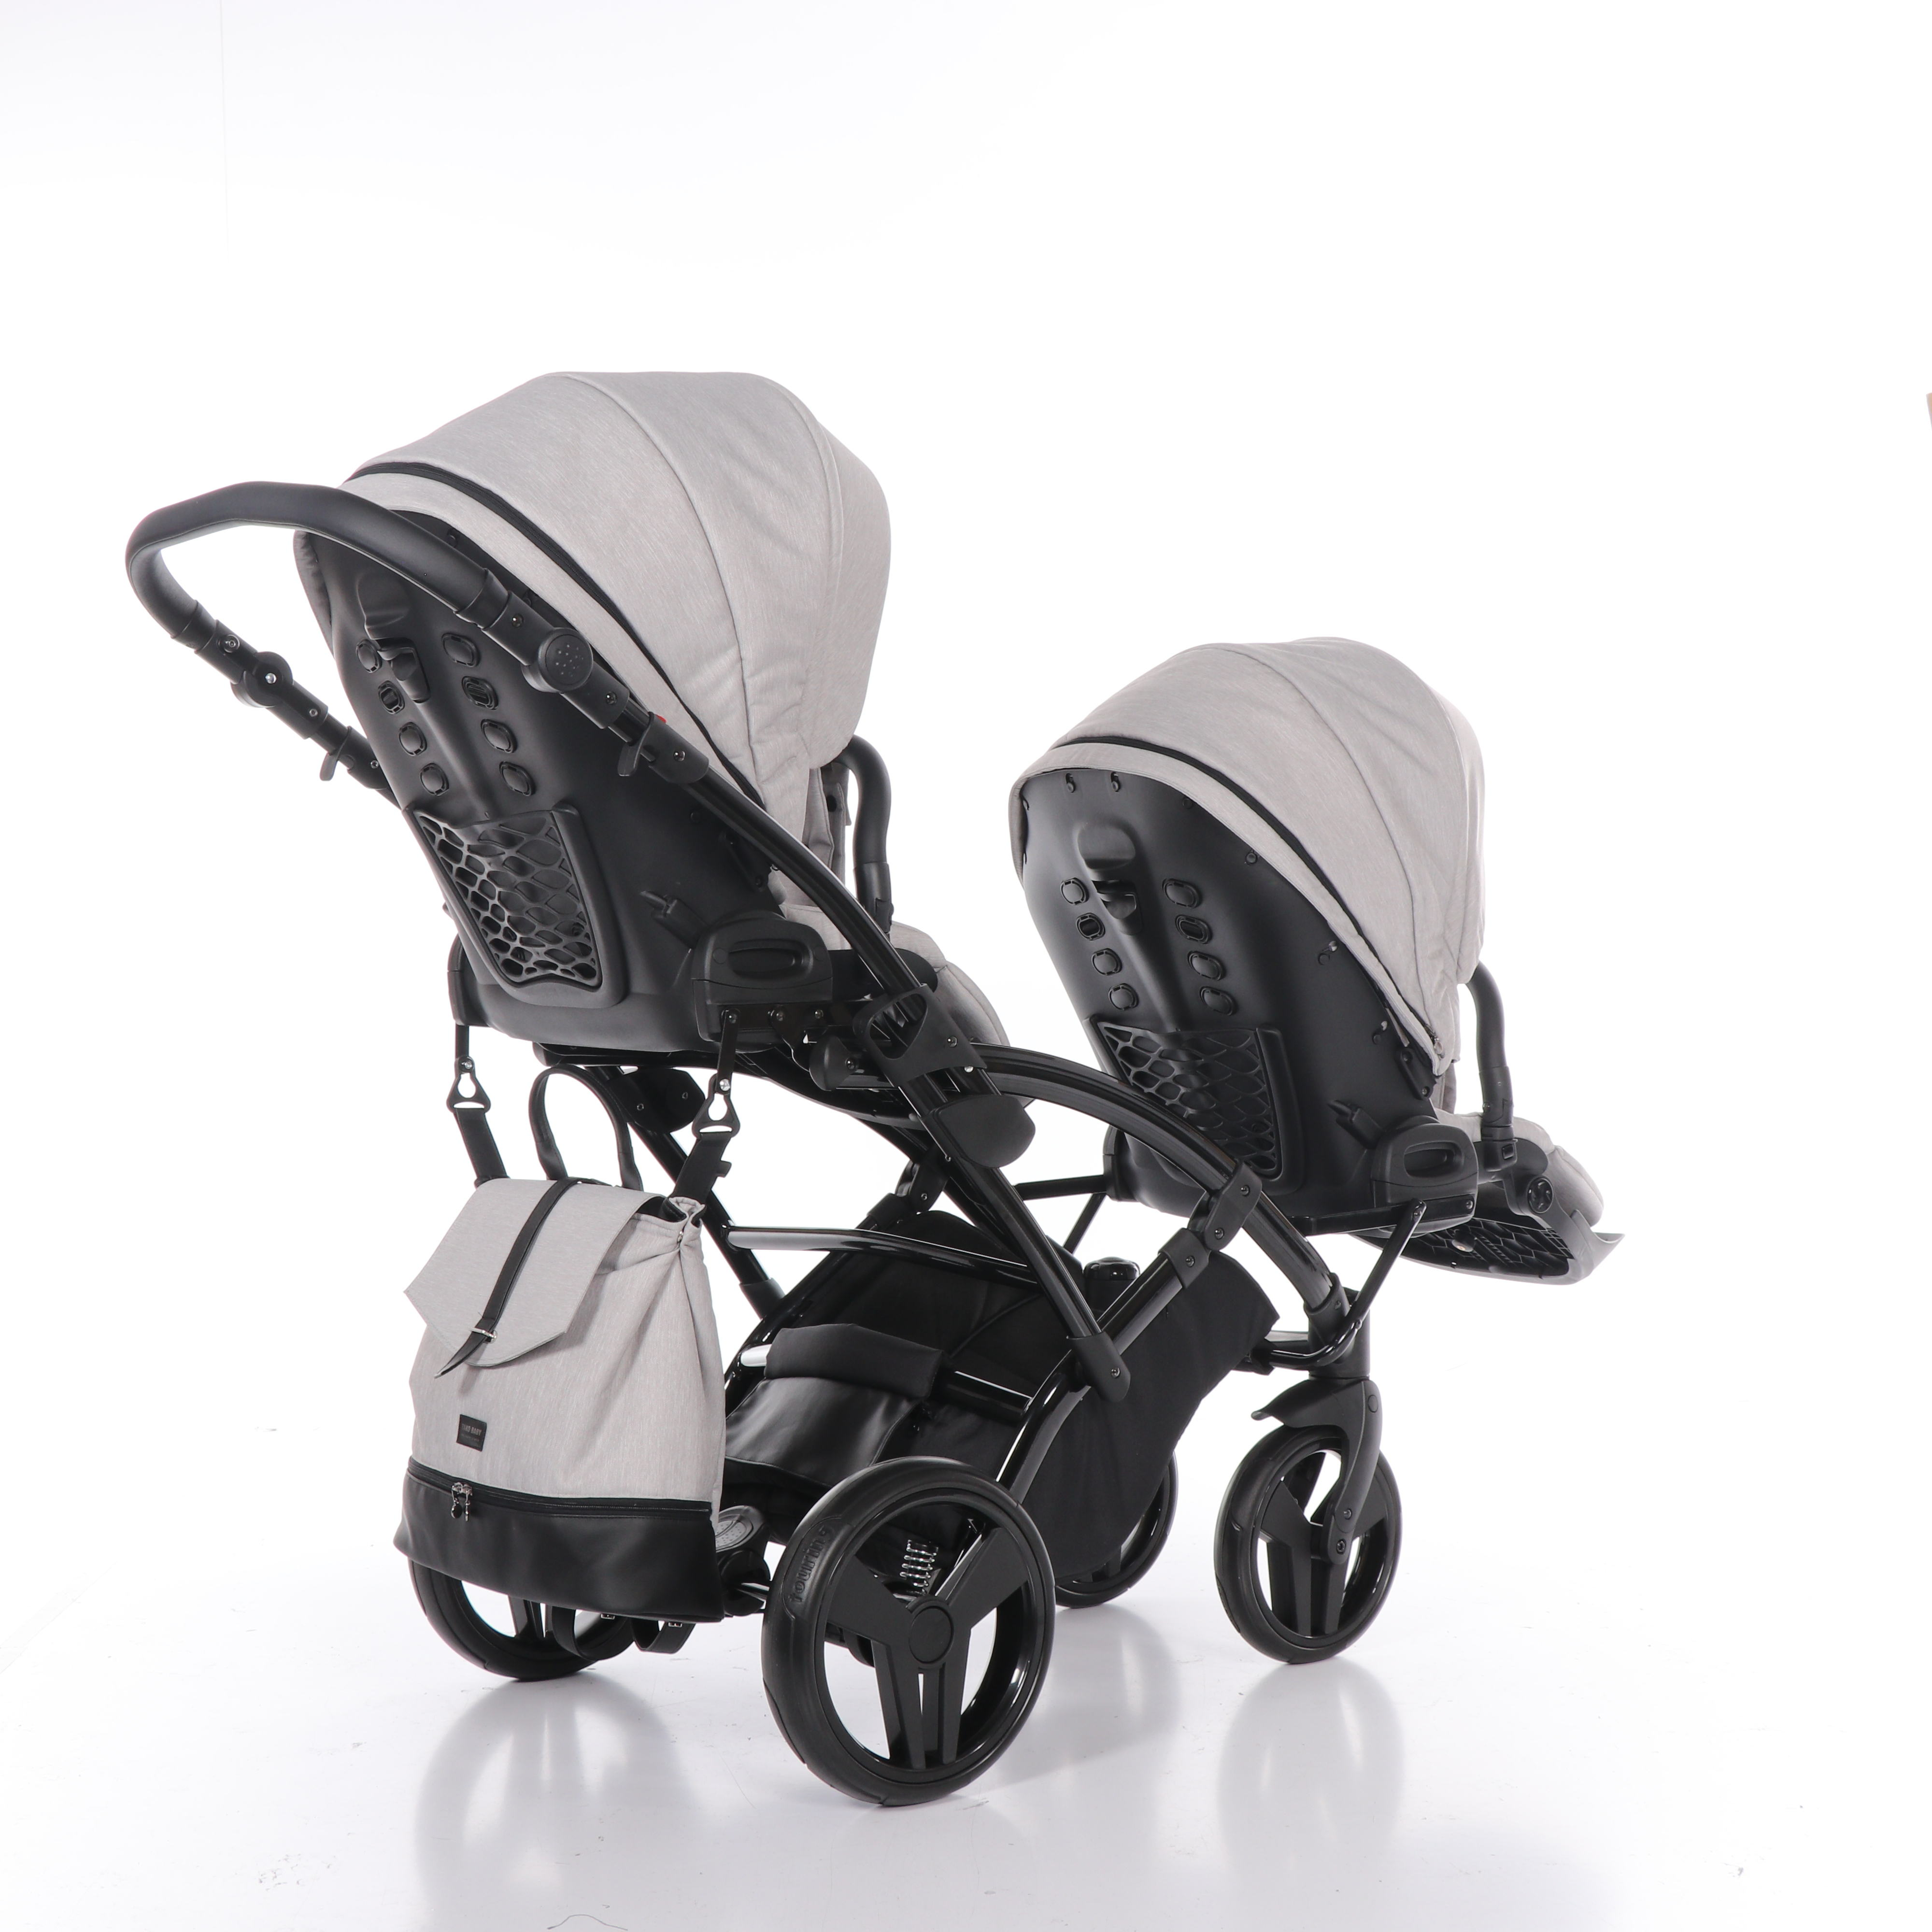 wózek bliźniaczy Artemo Duo Slim wielofunkcyjny dziecięcy Tako spacerowy Dadi Shop